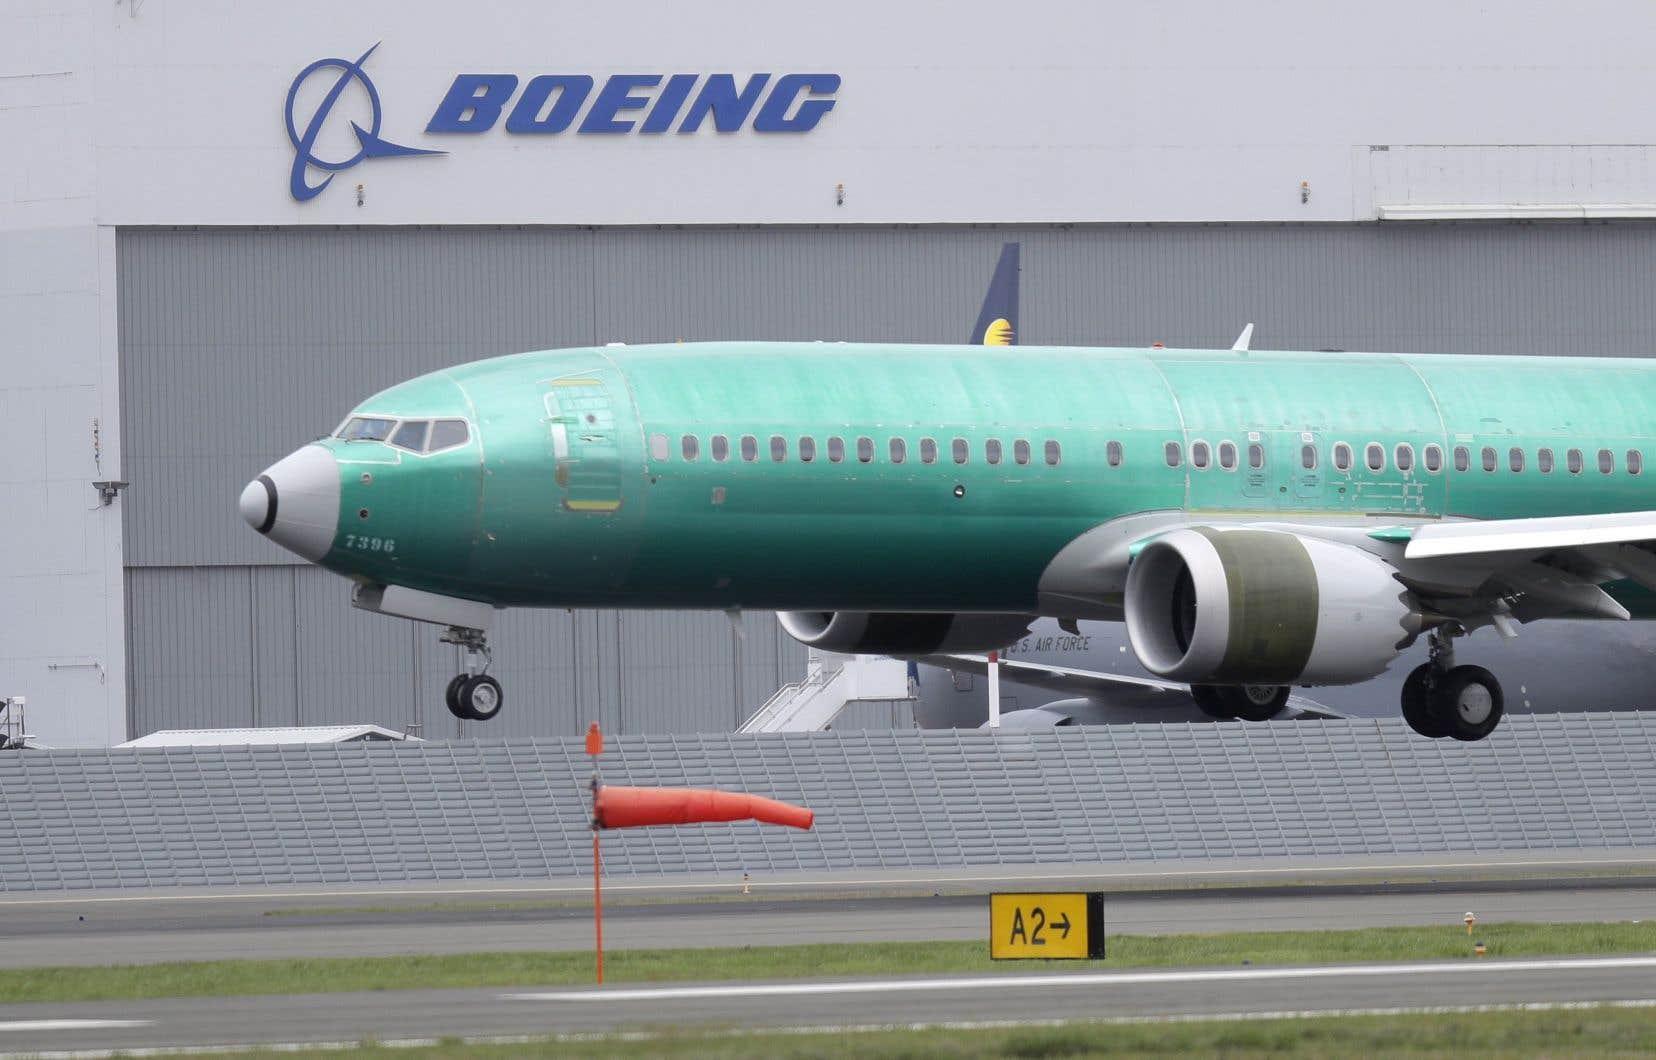 L'avionneur dit avoir soumis tous les éléments sur la formation des pilotes aux autorités de l'aviation civile dans différents pays ainsi qu'aux compagnies aériennes clientes.